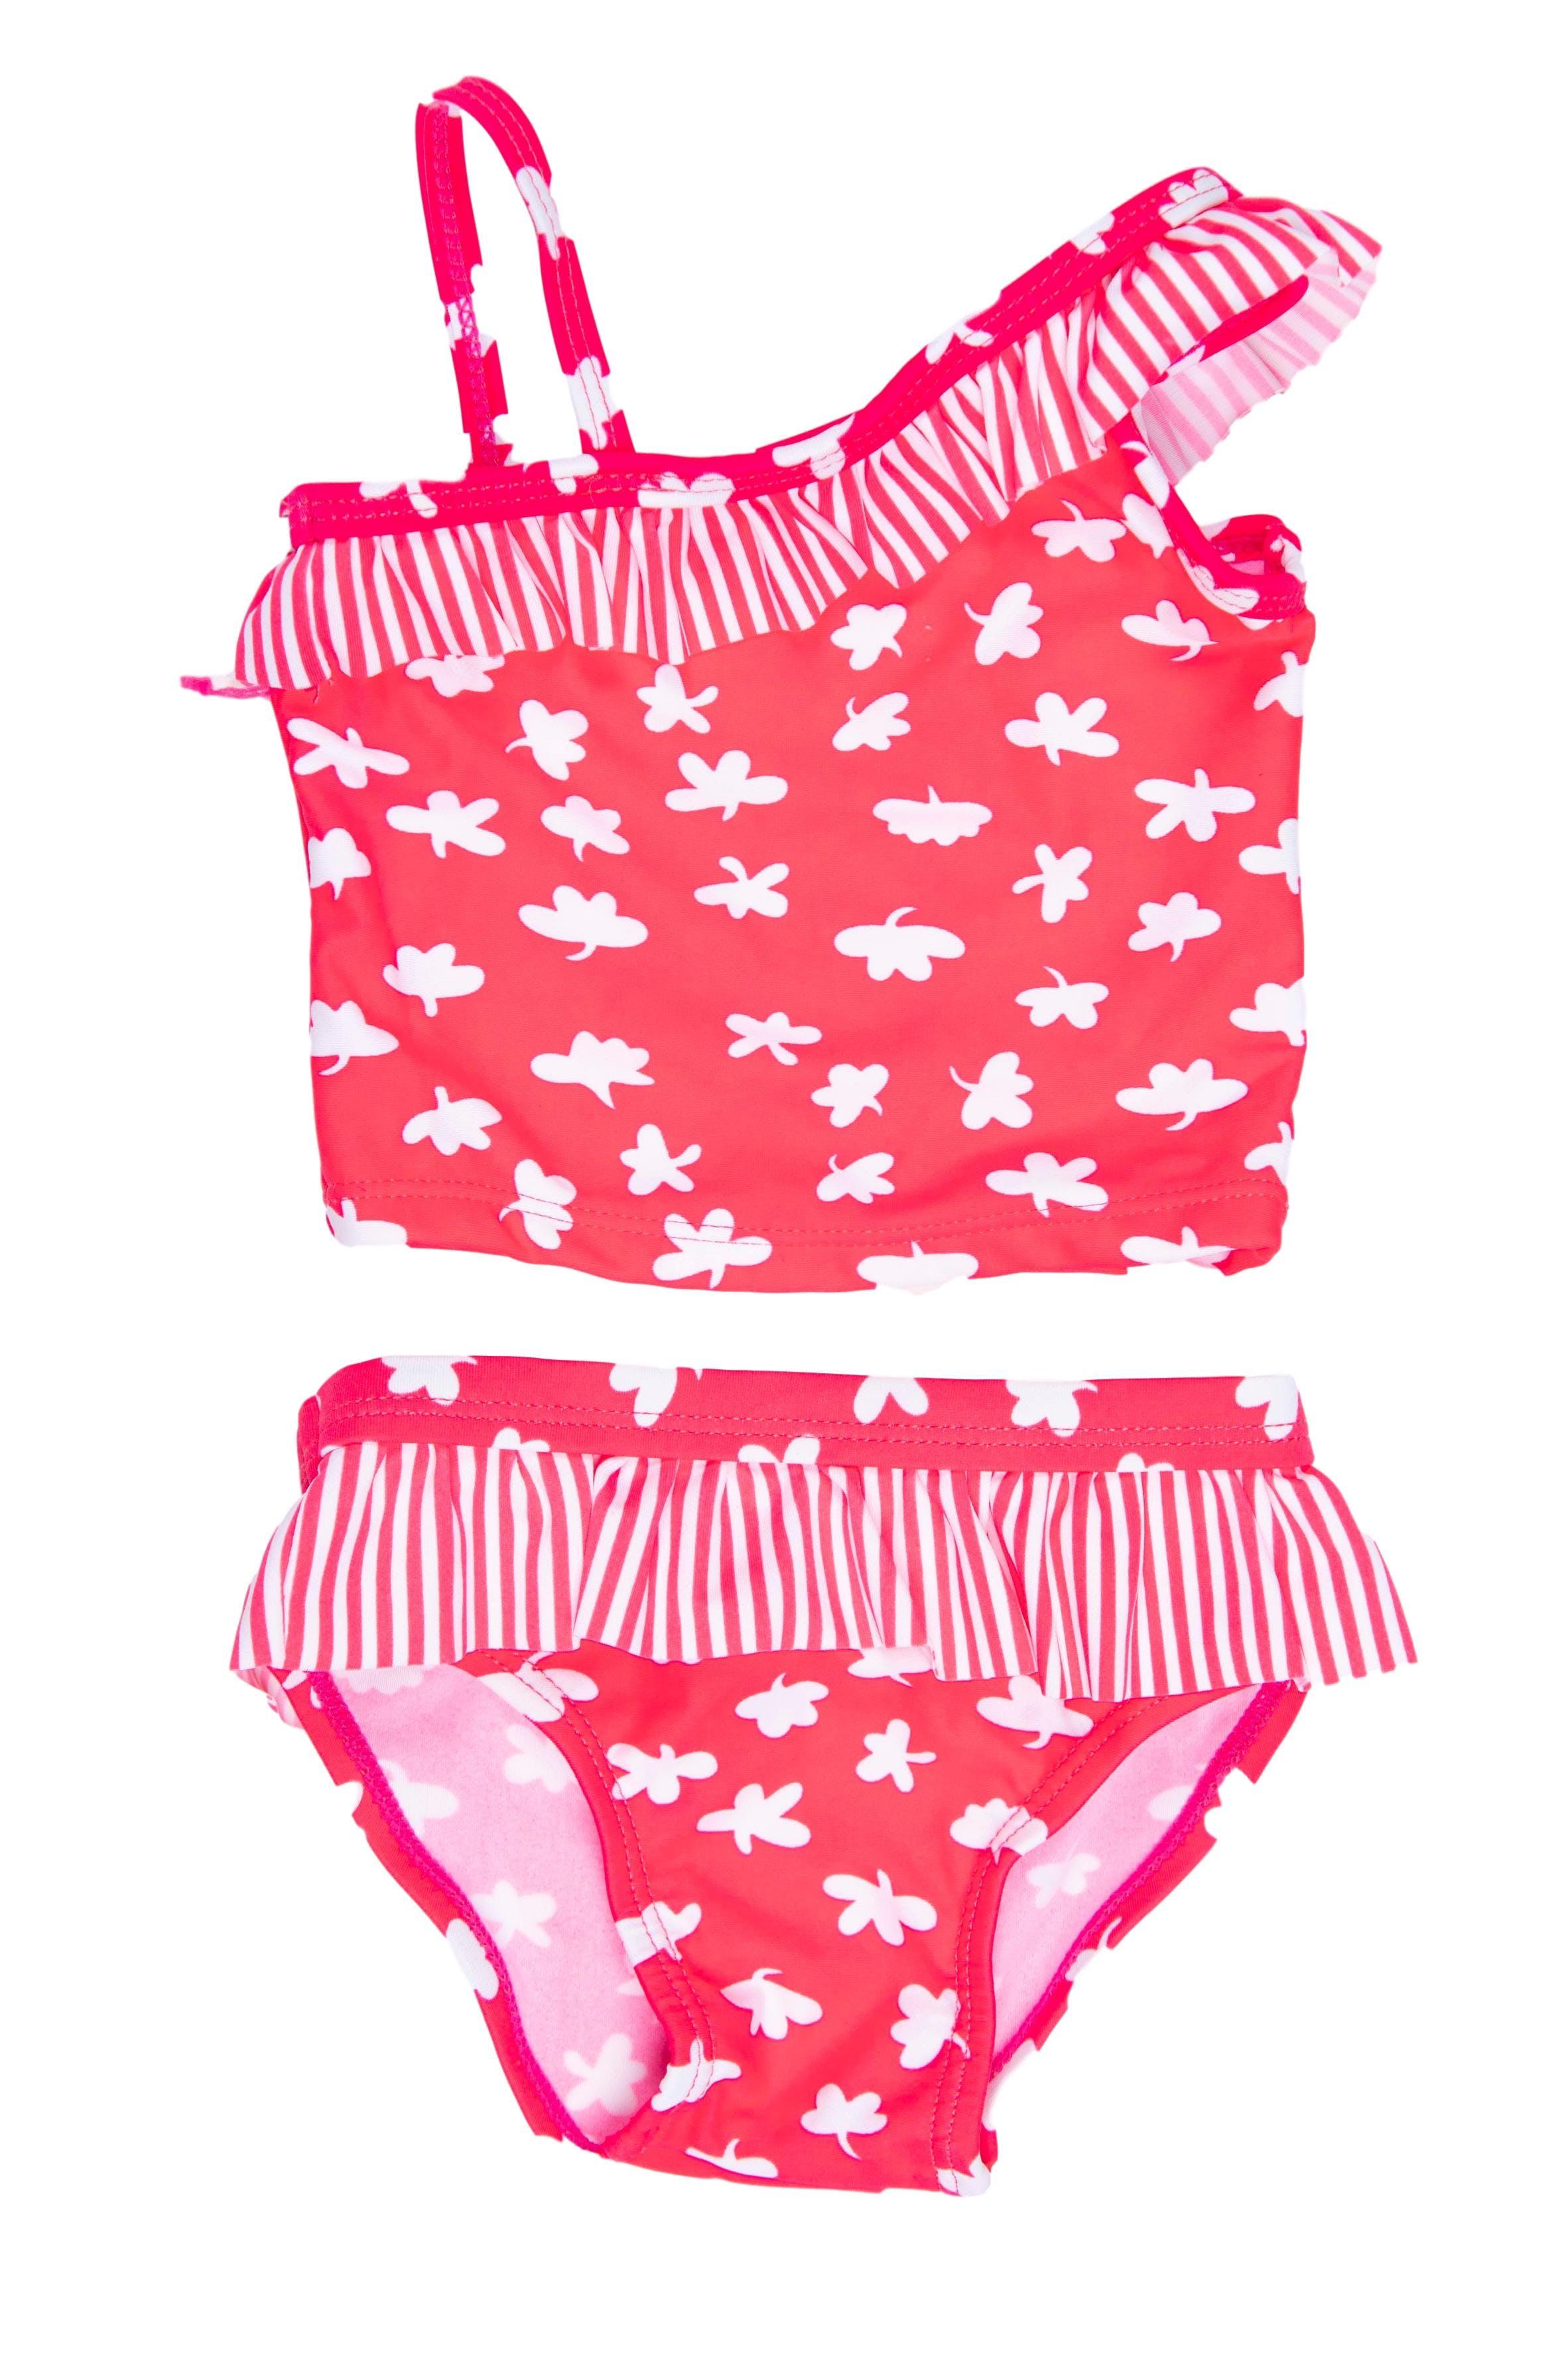 Ropa de baño dos partes, top y calzón rosado con blanco. Etiqueta dice 6 - 9 pero es pequeño - Little Step